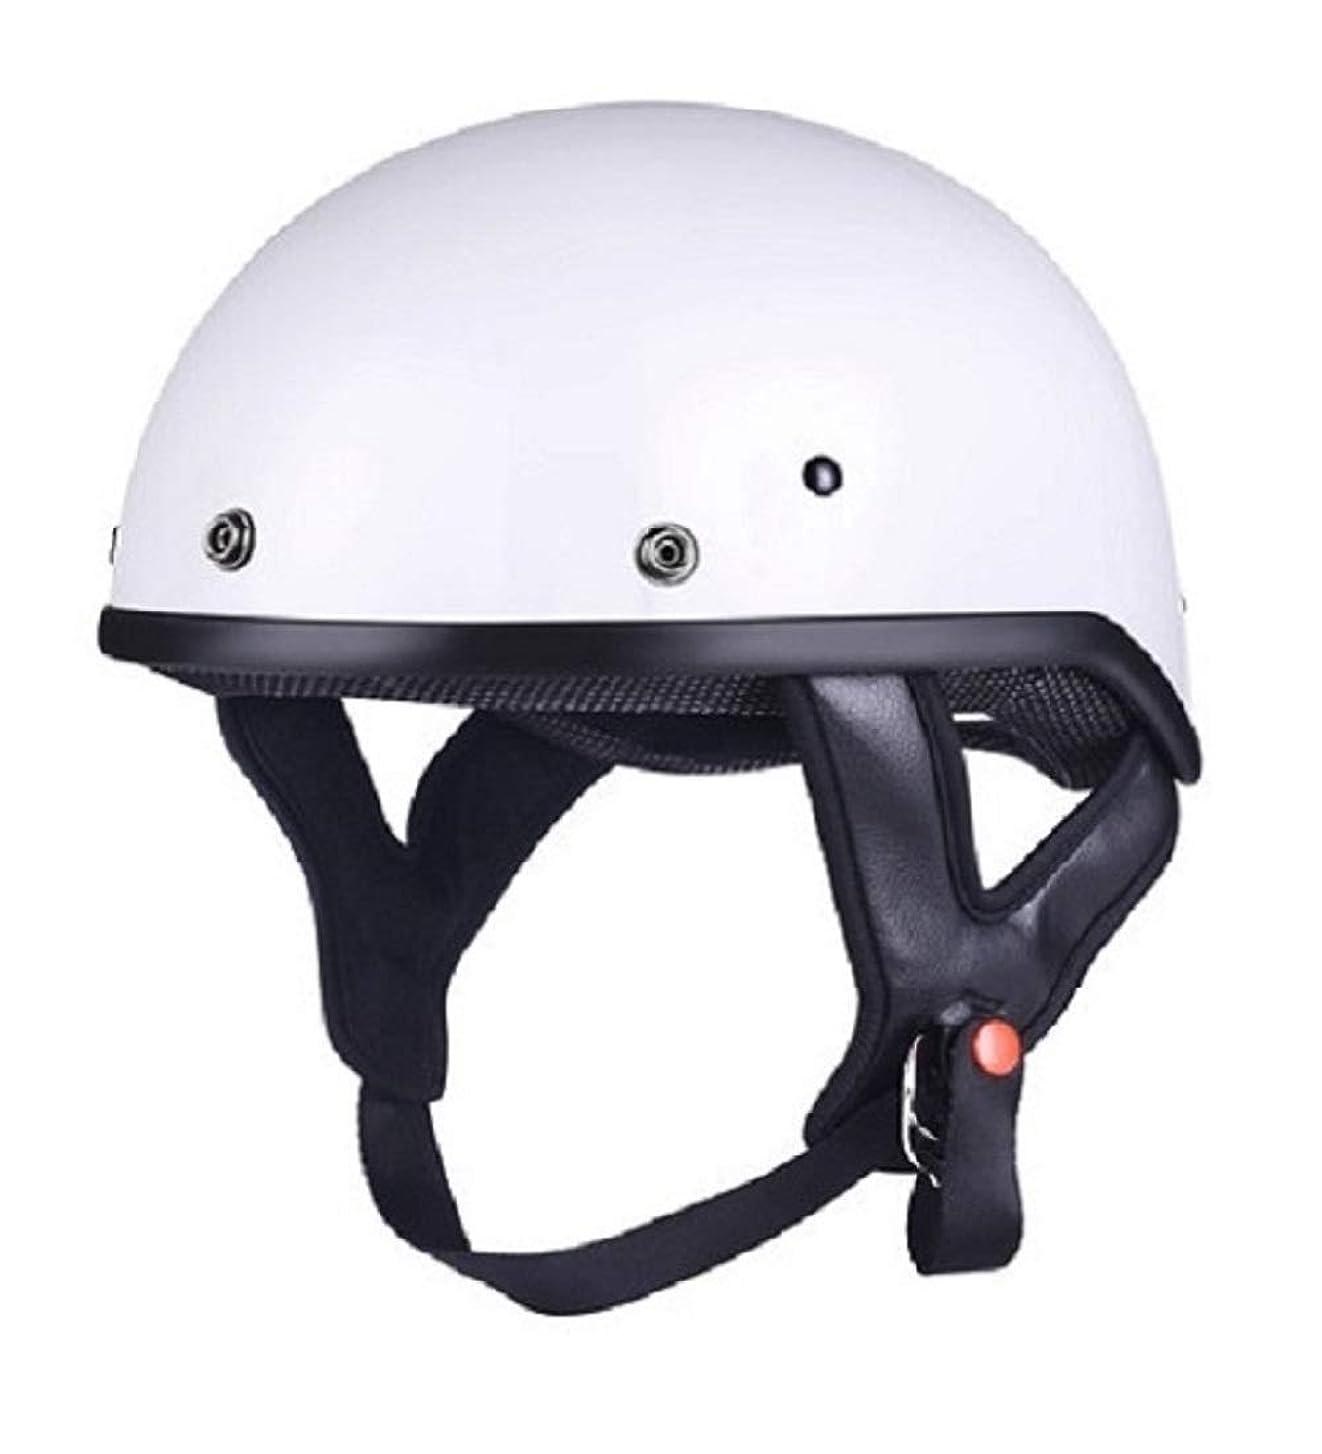 非武装化に対応悲しいことにGOHAN(ゴハン) ヘルメット バイクヘルメット ハーフ 半帽 スクーター バイク用 オートバイ 原付き 公道 クリアシールド 開閉シールド ゴーグル 軽量 耐久 耐衝撃 吸汗 通気 スポーツ アウトドア パラソル 四季 強化ABS材質 かっこういい クール USブランド 販売授権809 男女兼用 米国DOT認証(2XL, ホワイト)